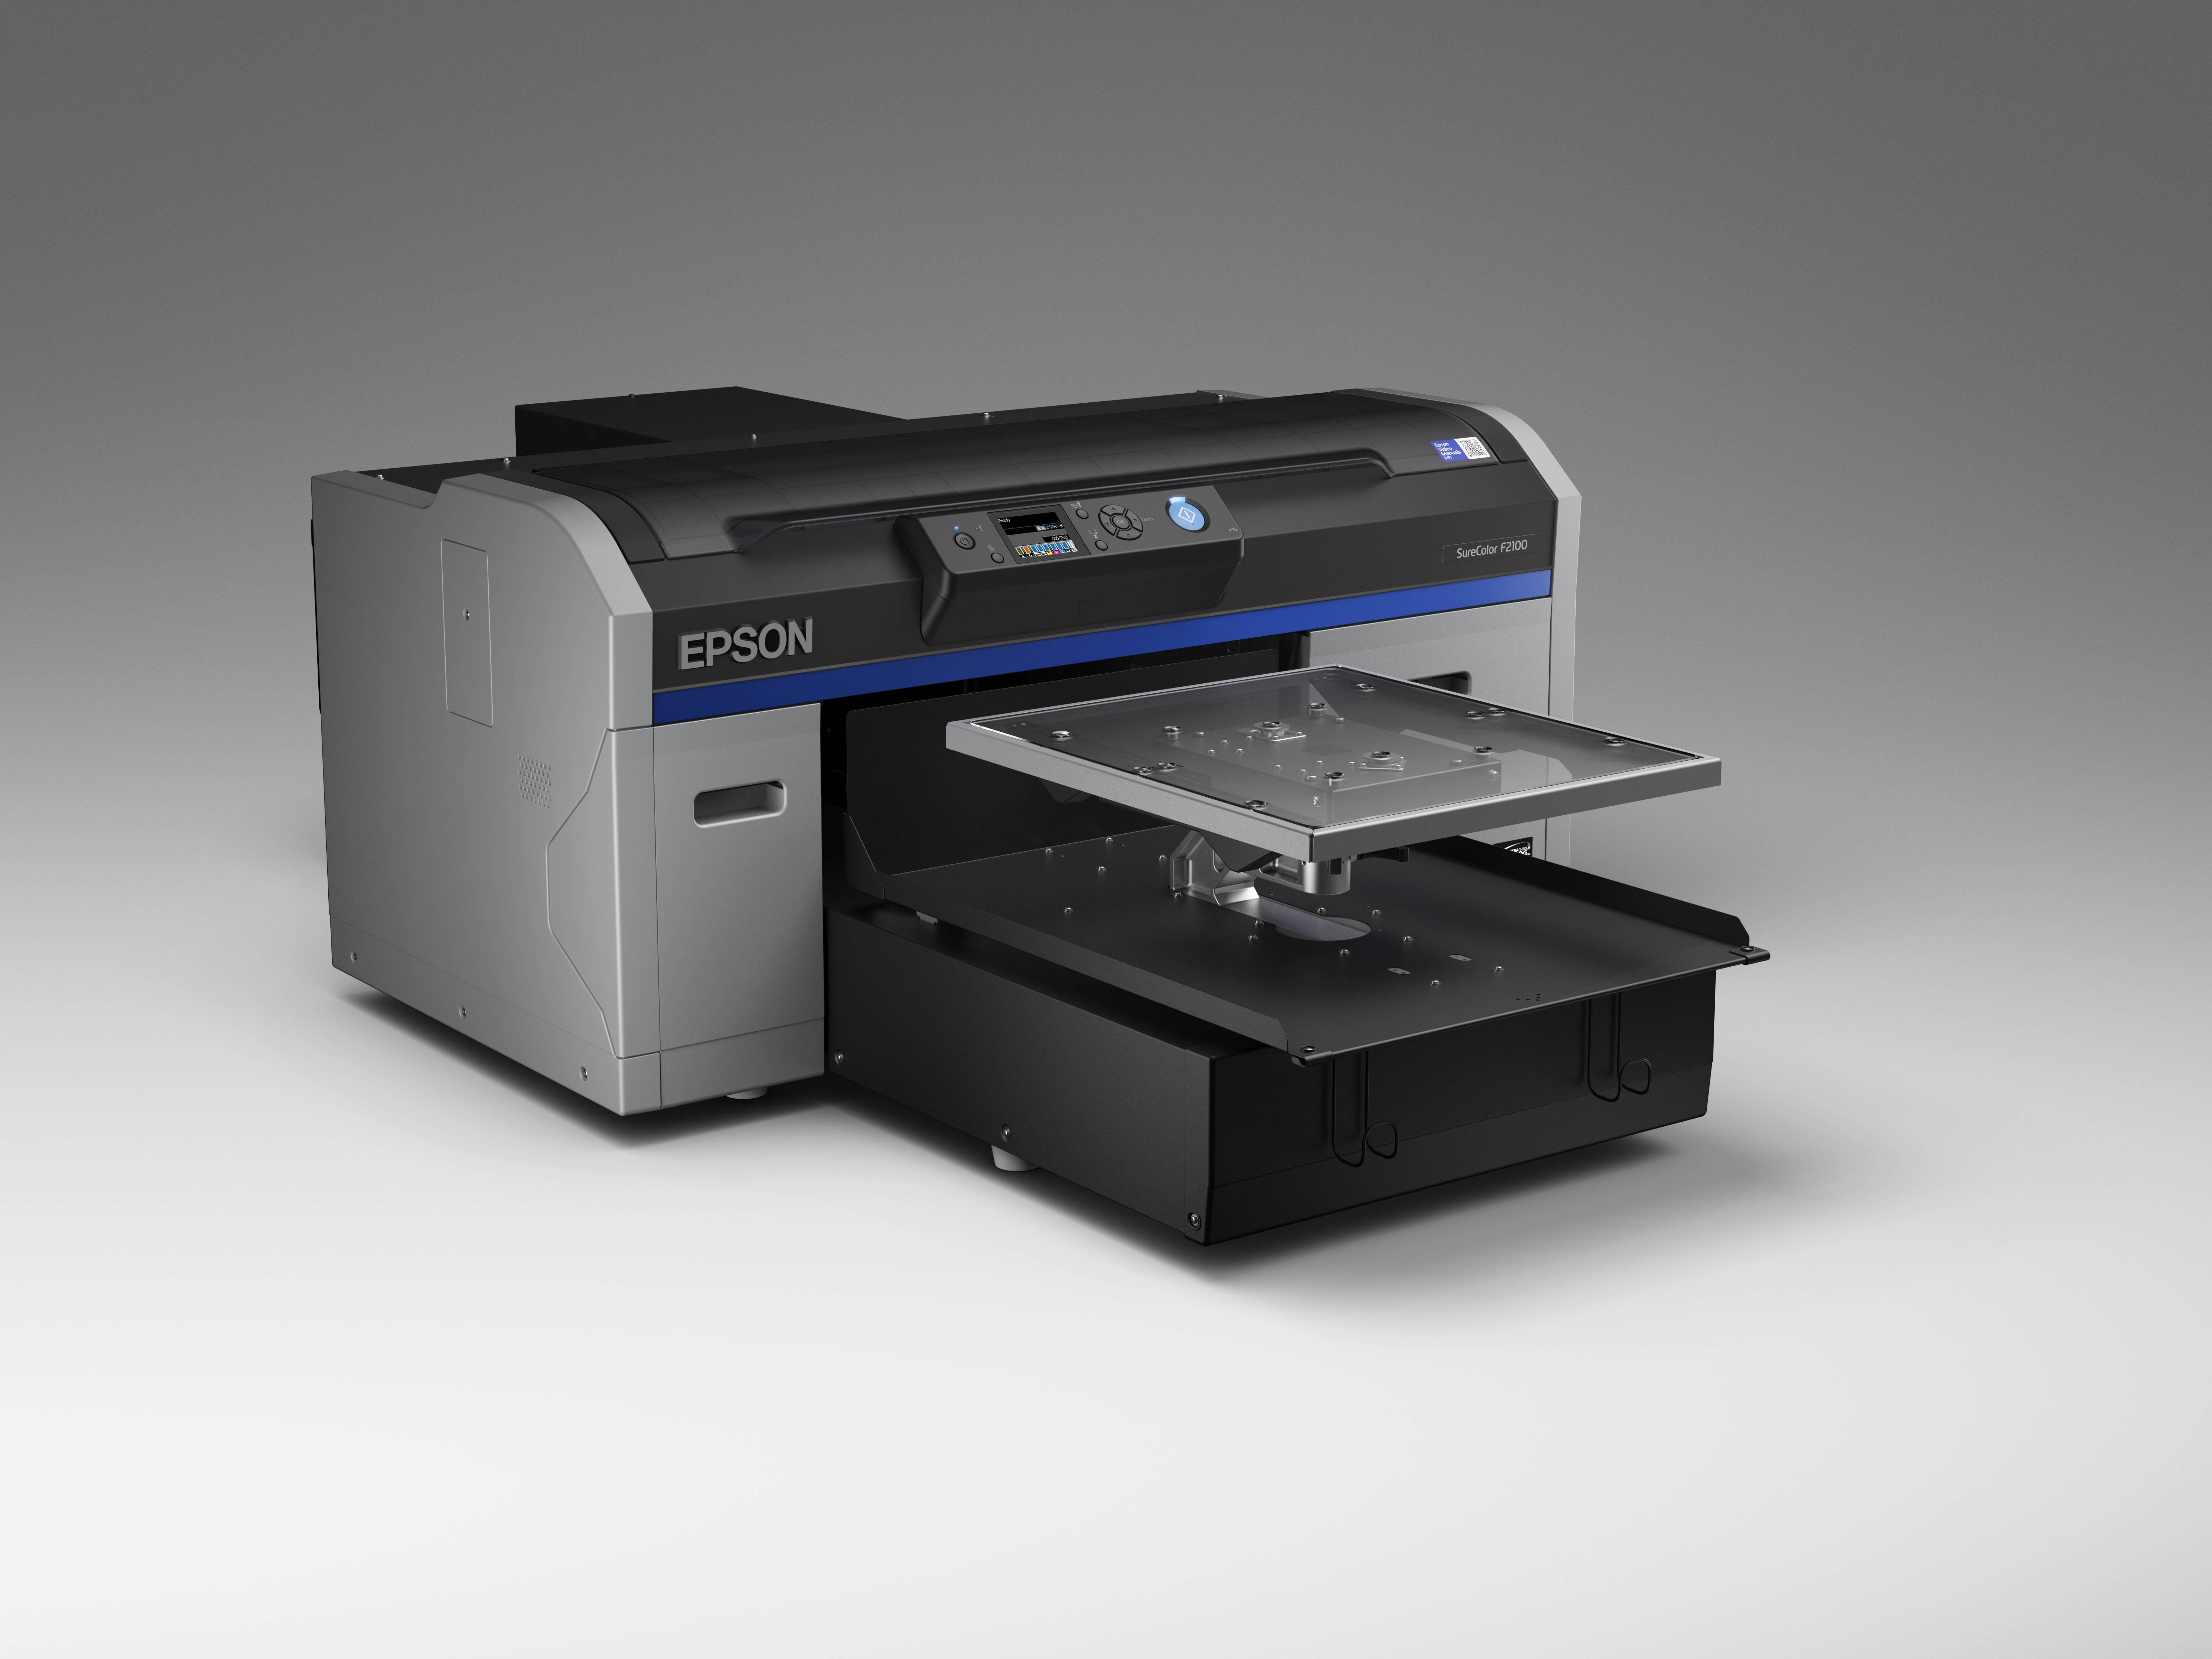 Chwalebne Epson SureColor SC-F2100 - nowa drukarka do koszulek - Swiatobrazu.pl YP68